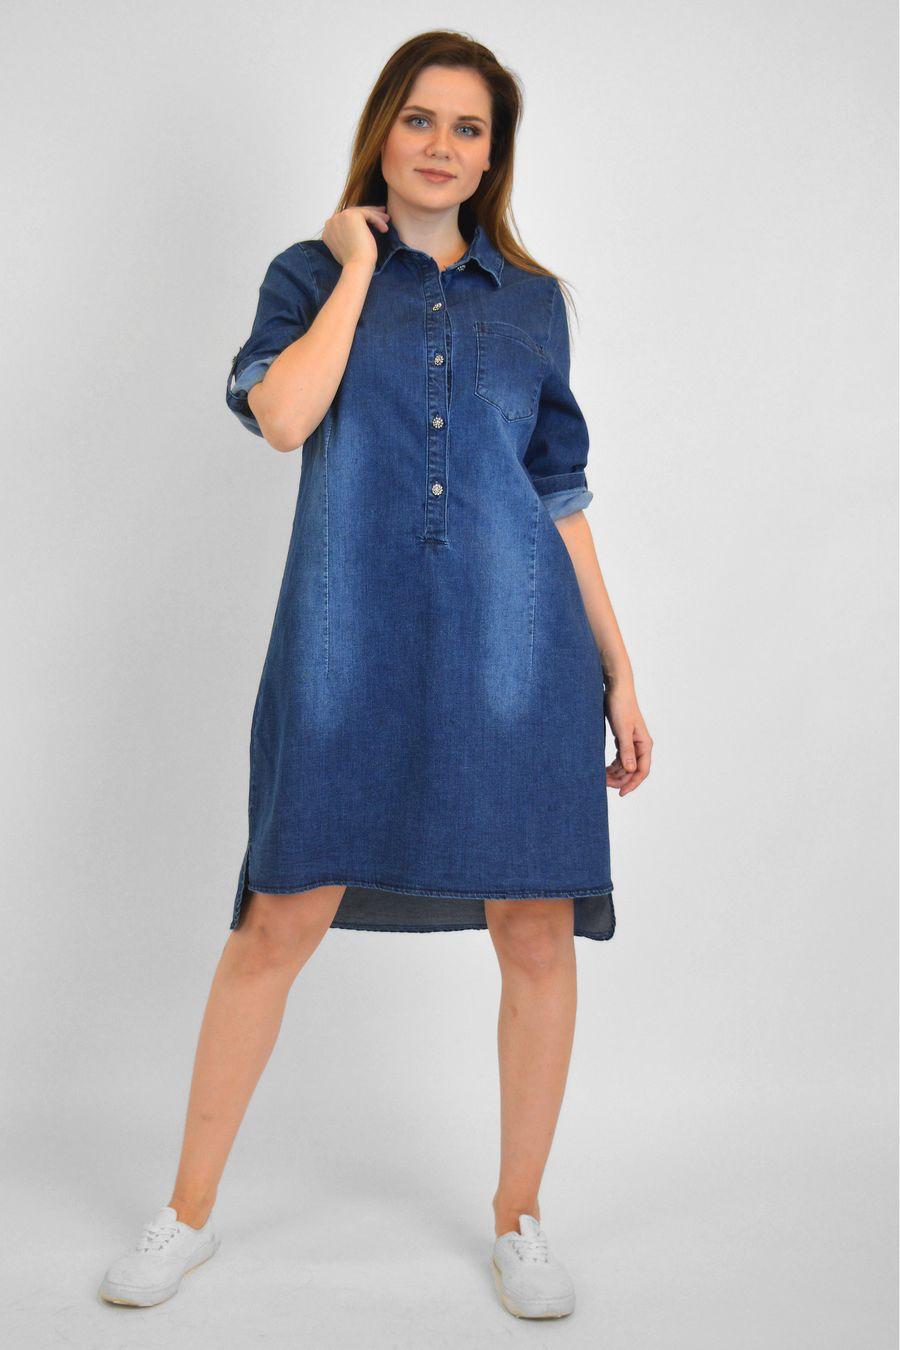 Платье женское Baccino M006 джинсовое - фото 2